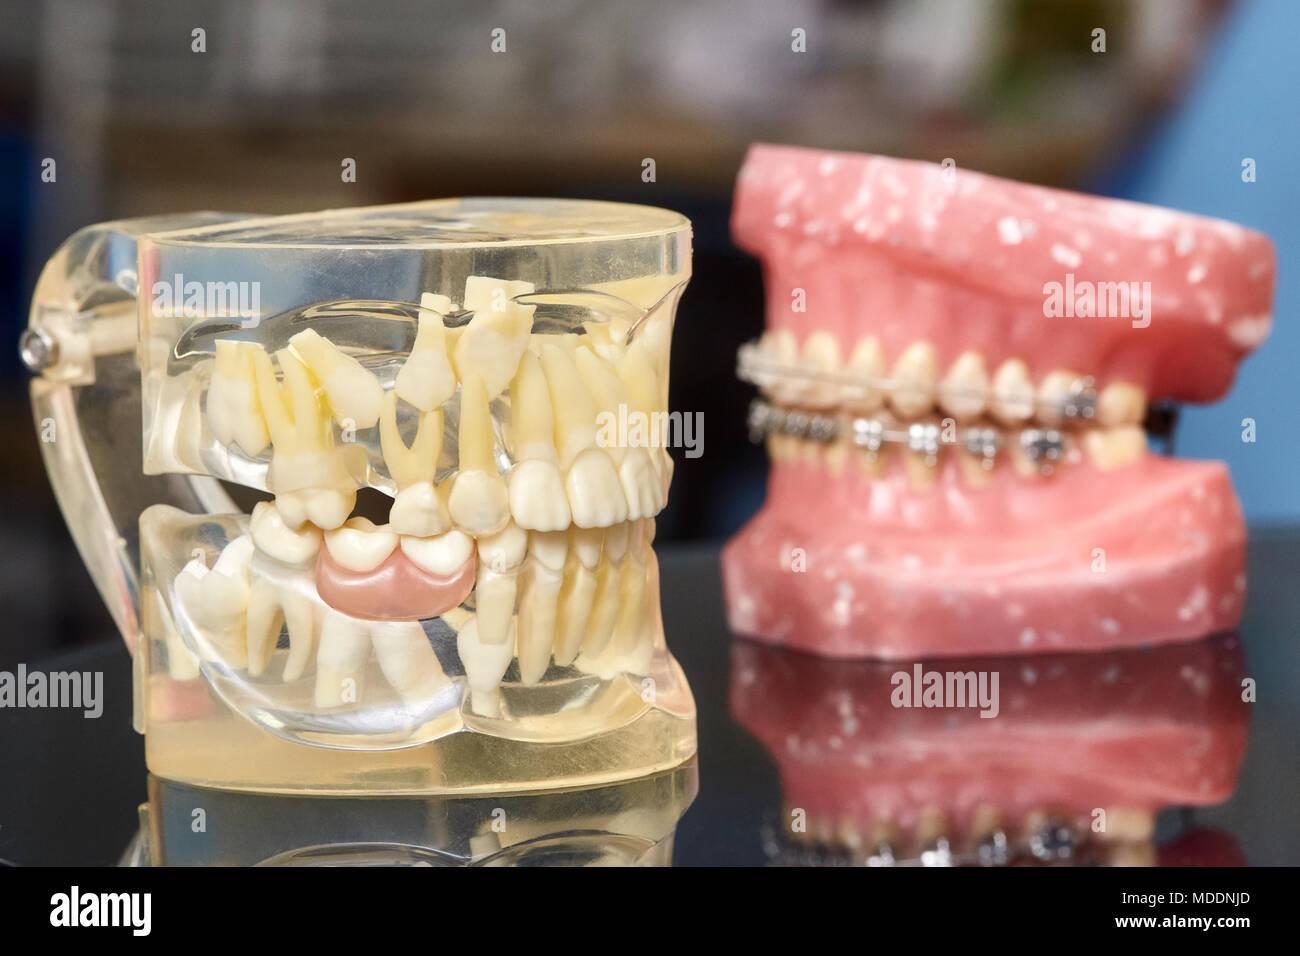 Nett Gebrochene Zähne Im Kiefer Verdrahtet Zeitgenössisch ...